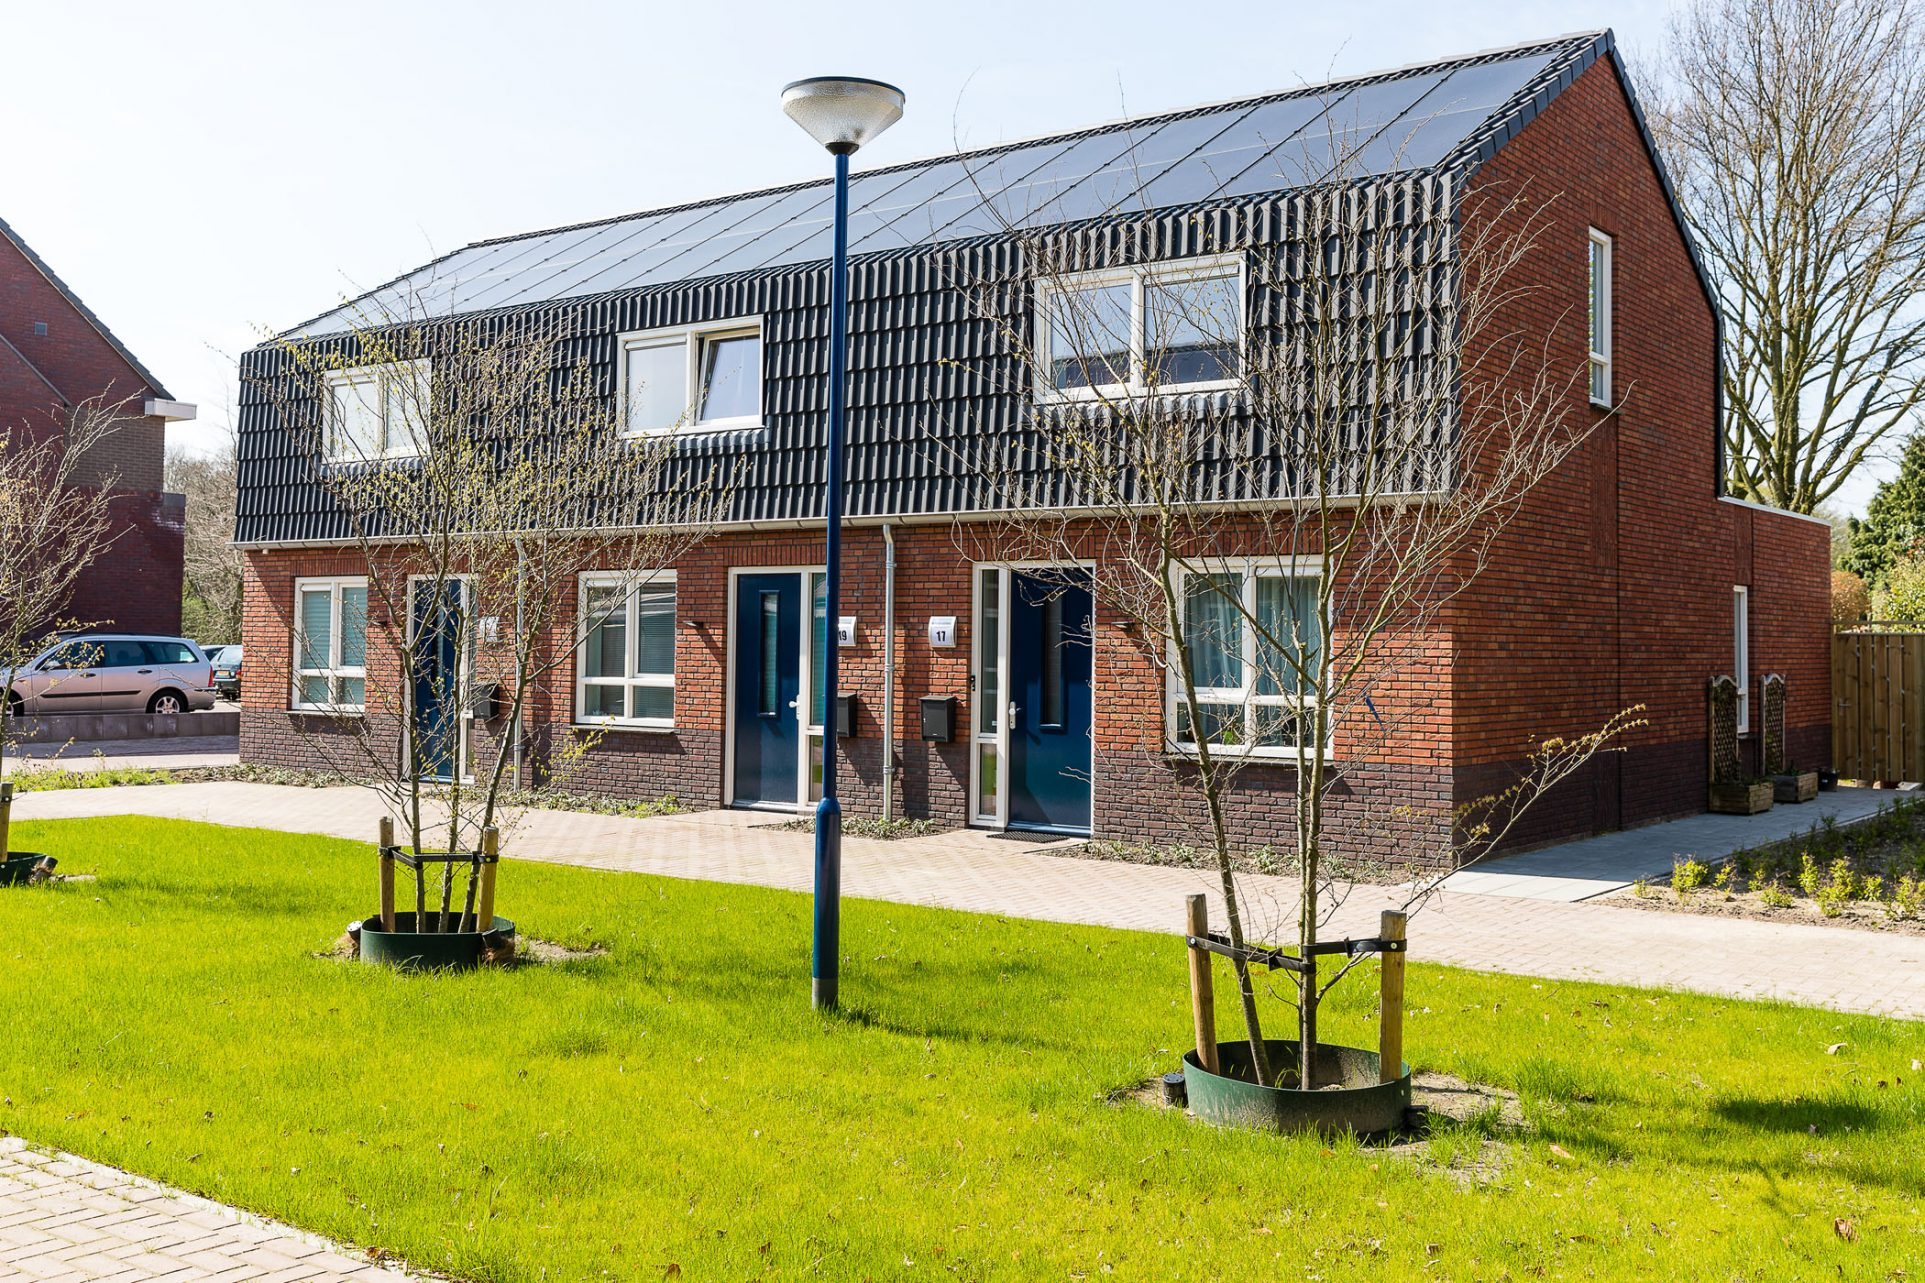 Binnenhofke, Irenestraat Boekel